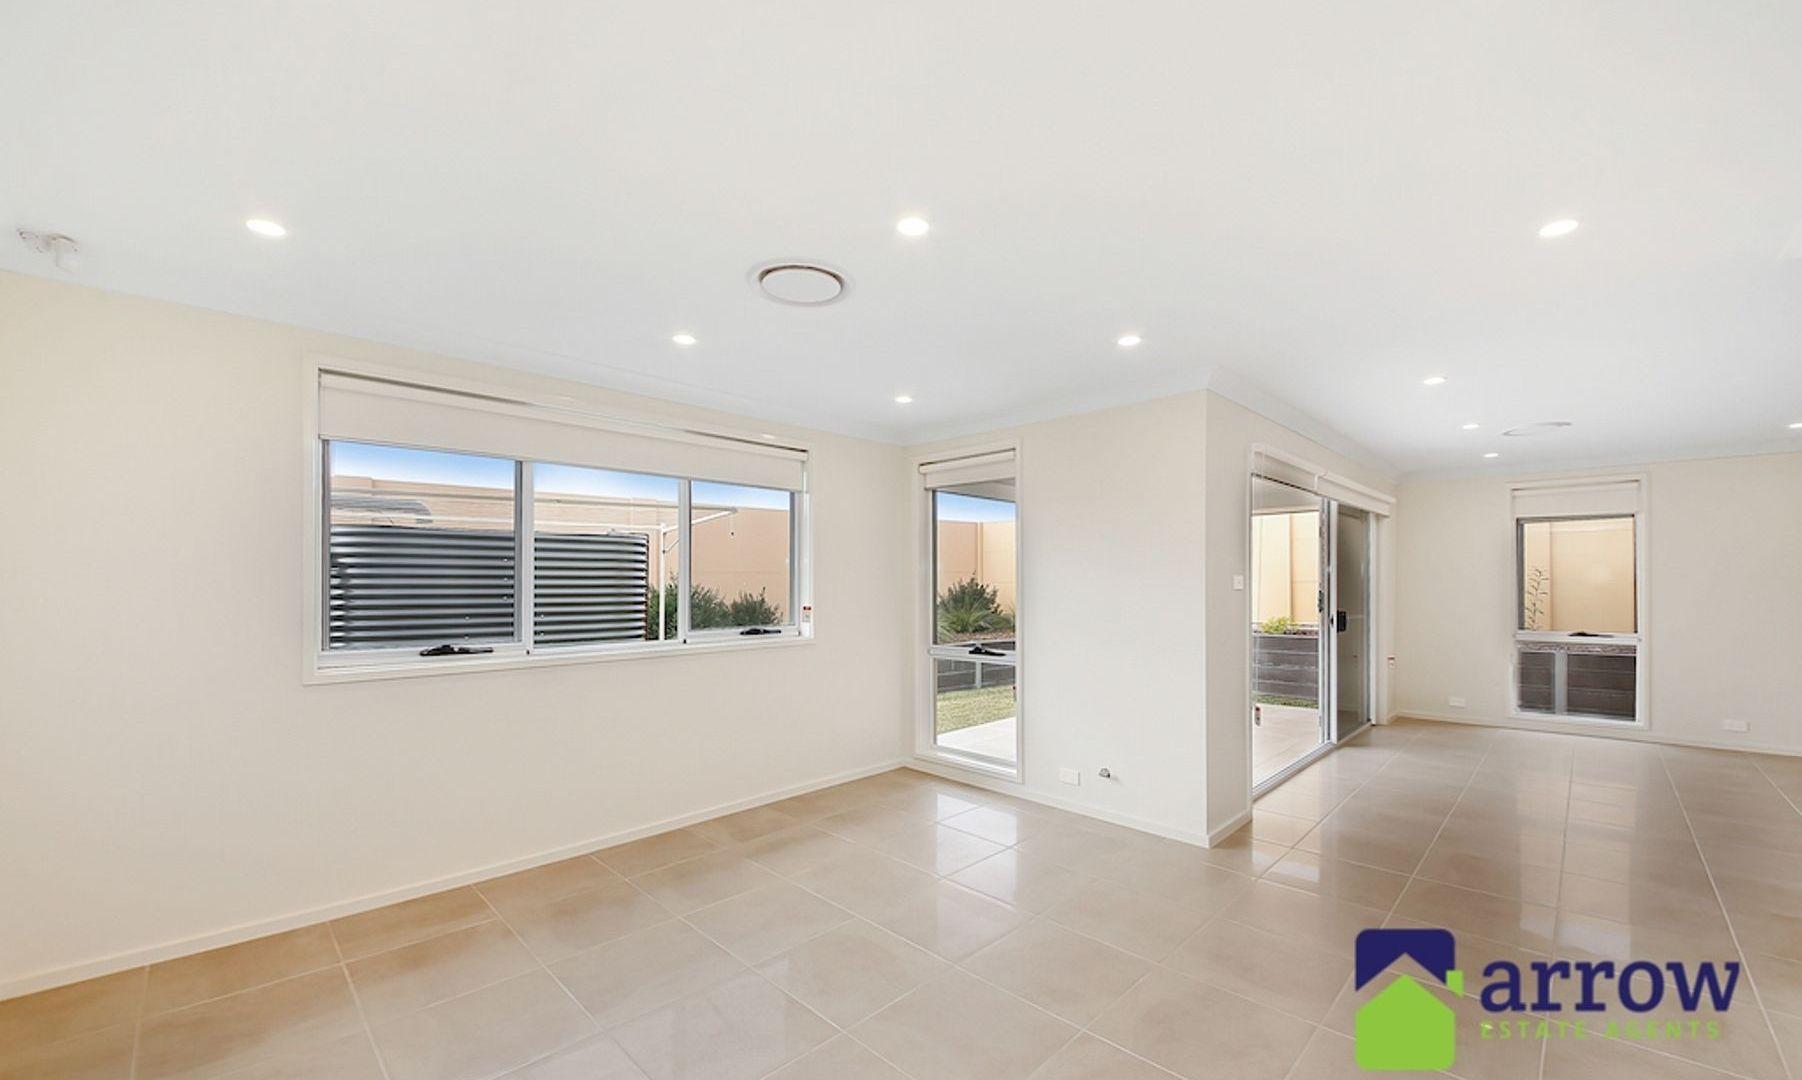 25 Matavai Street, Cobbitty NSW 2570, Image 1